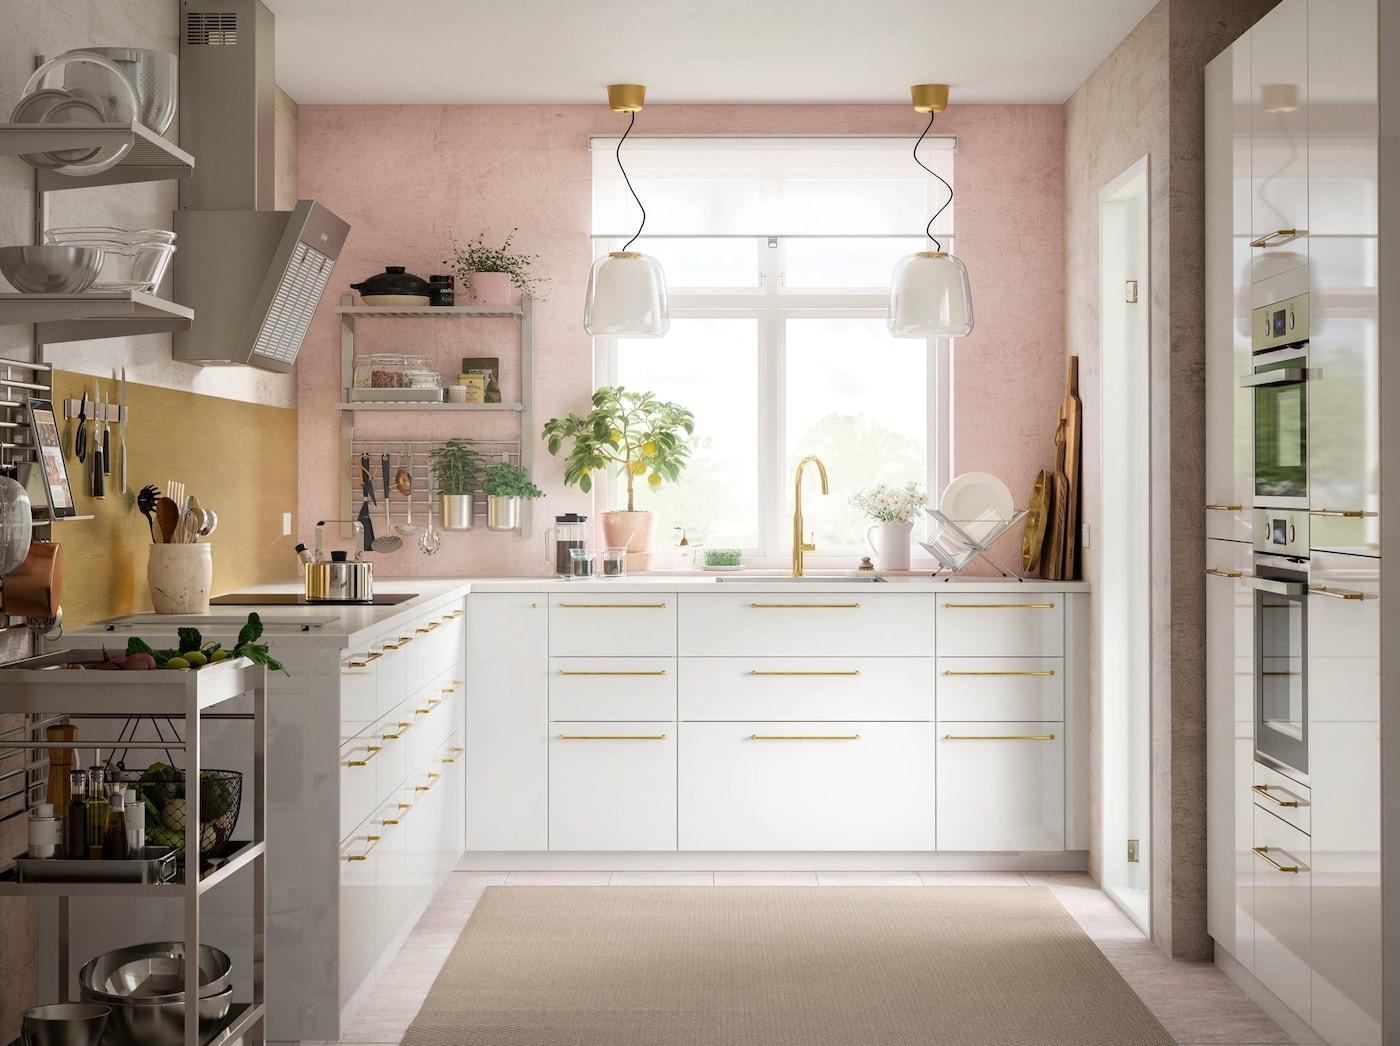 Binario Pensili Cucina Ikea per piccoli e grandi chef - ikea